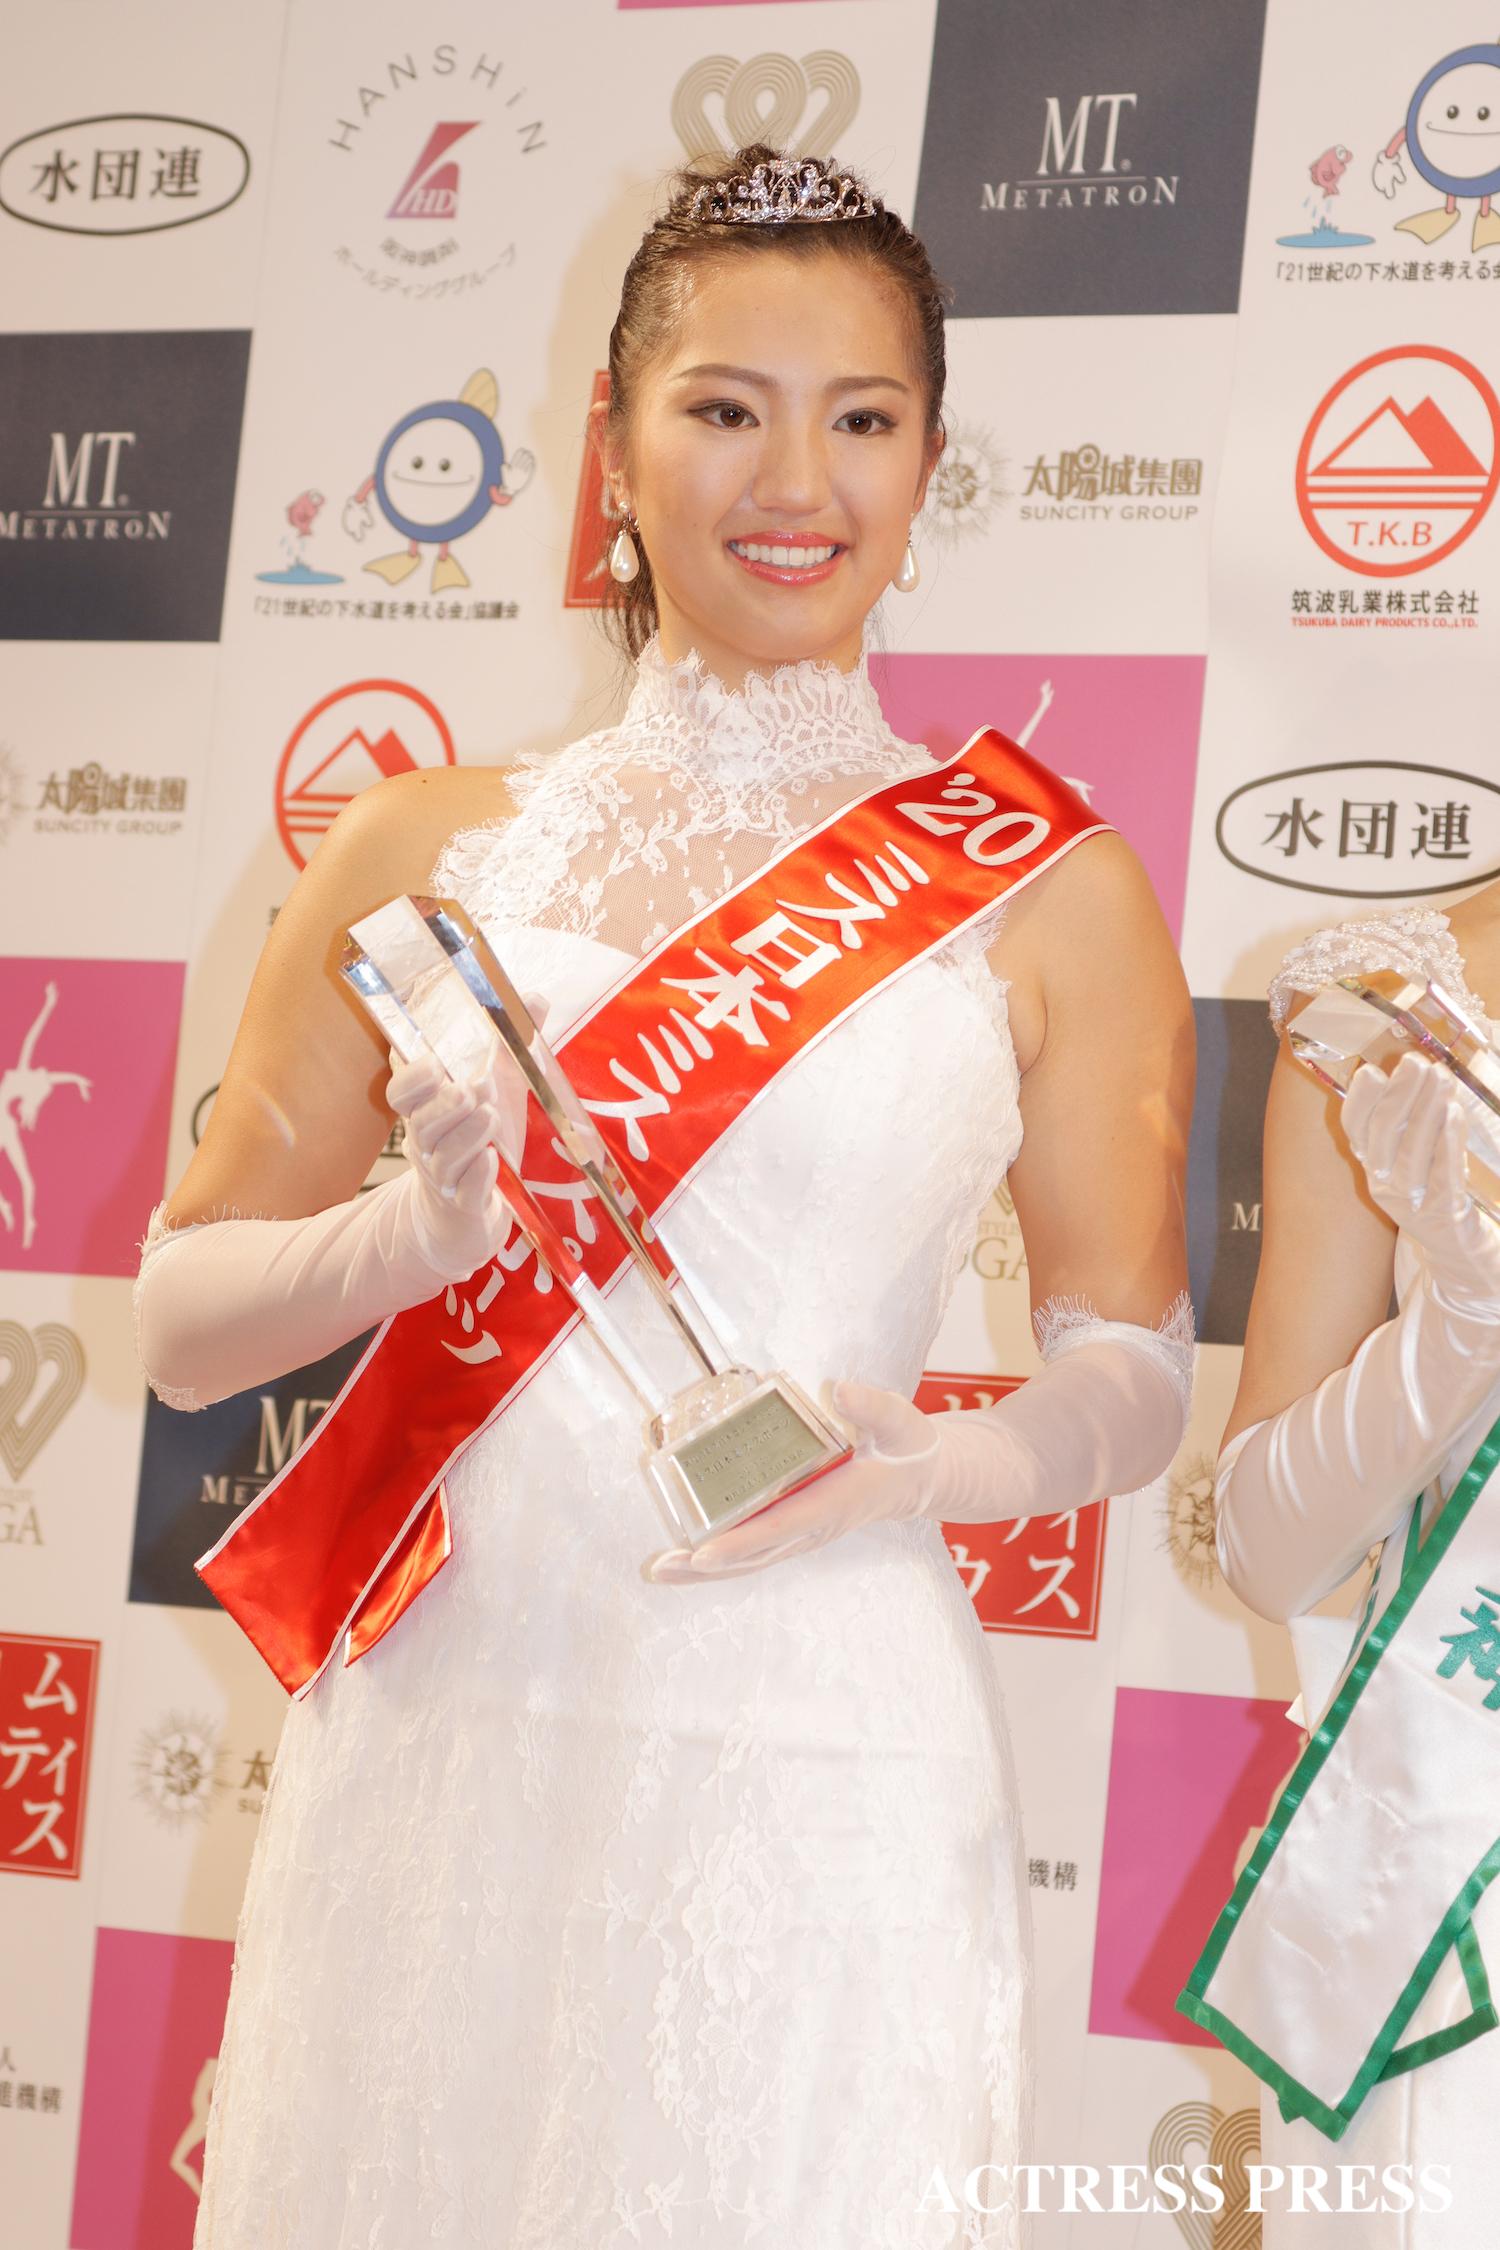 田中 絵梨果/2020年1月20日(月)、『第52回ミス日本コンテスト2020』にて/撮影:ACTRESS PRESS編集部